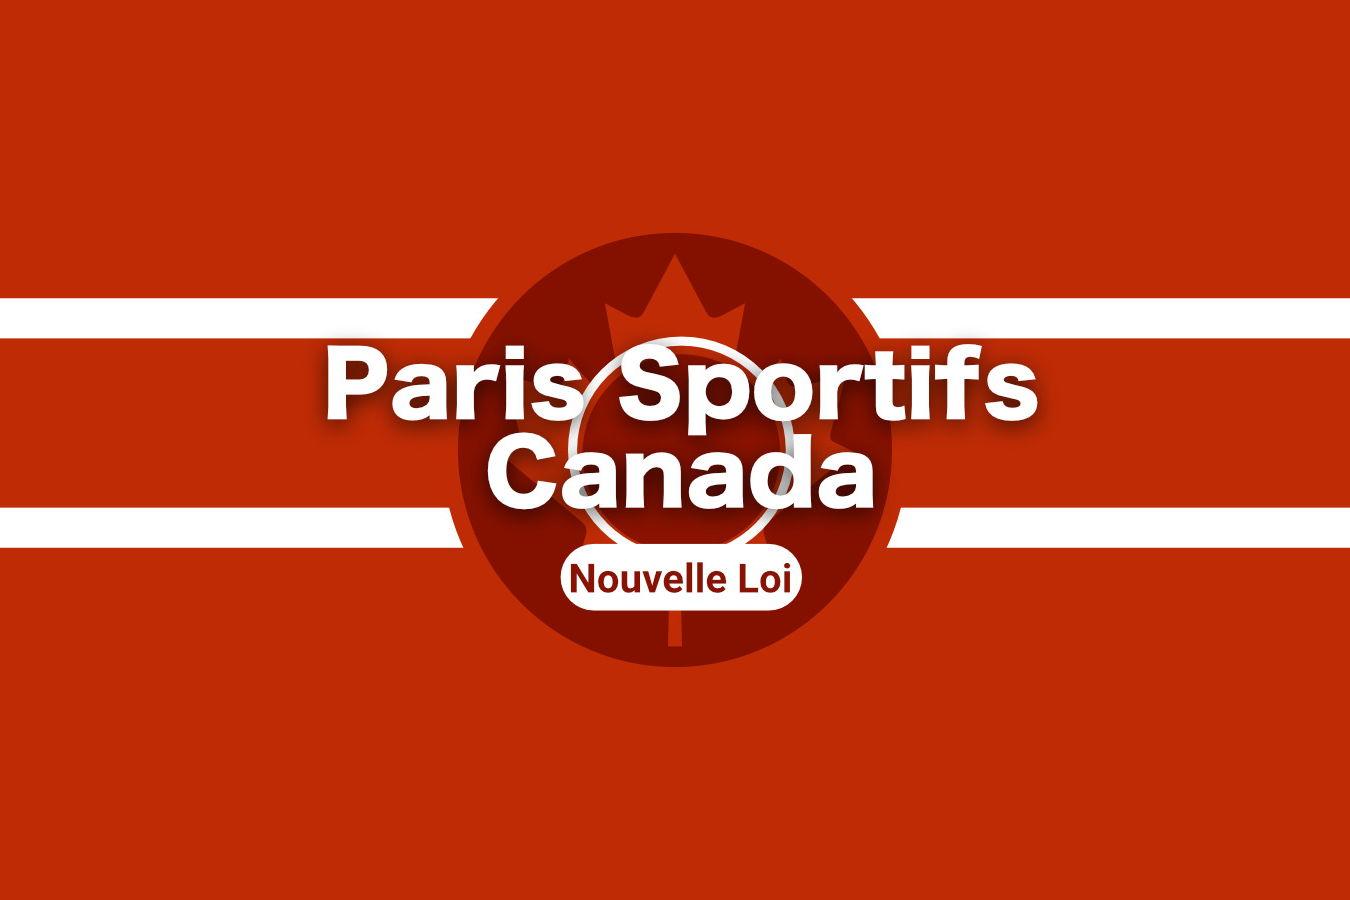 Nouvelle loi sur les paris sportifs au Canada